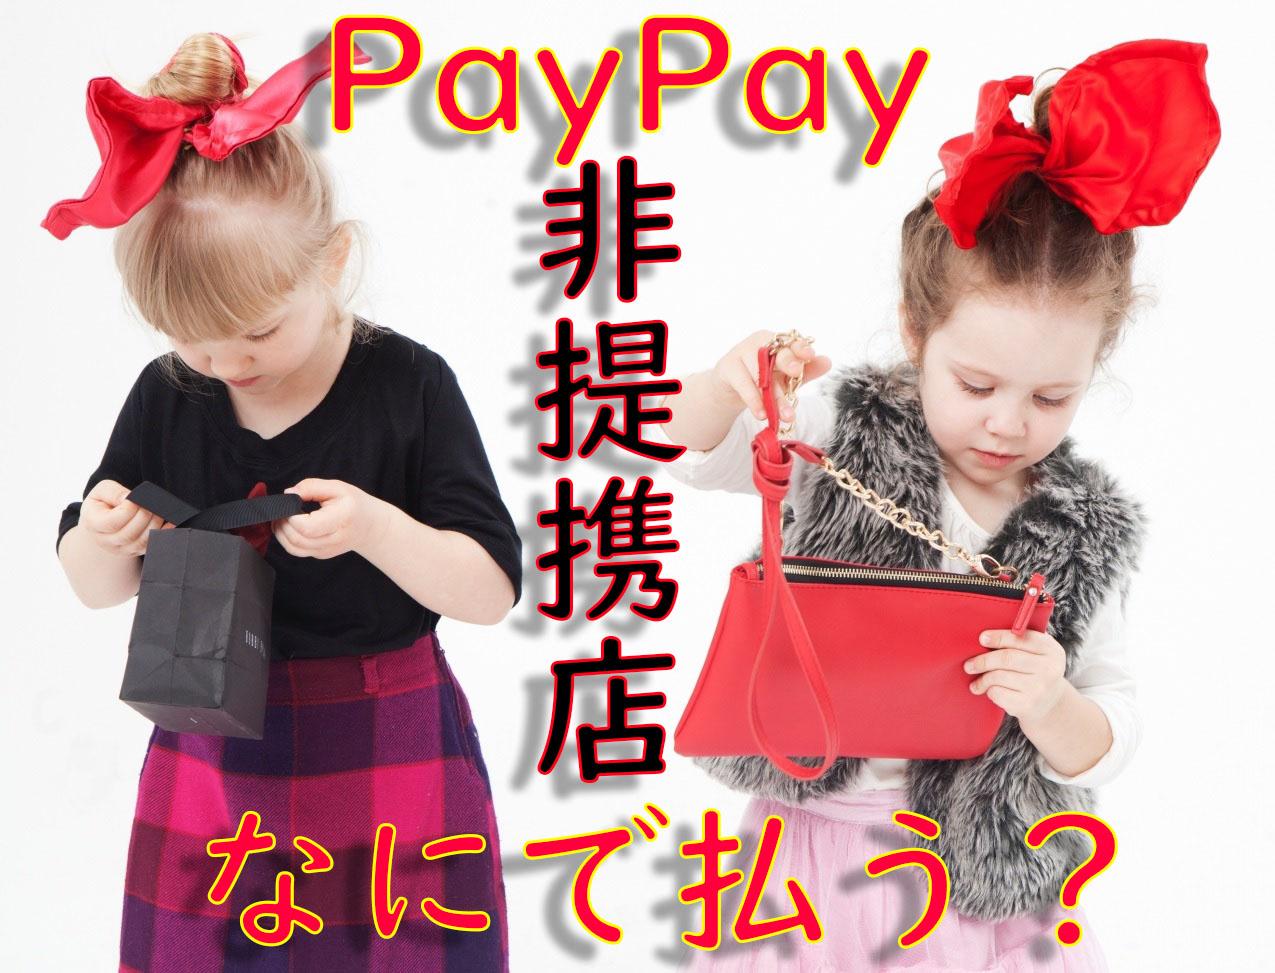 えっ?PayPay非提携店舗なの?何で支払おう?